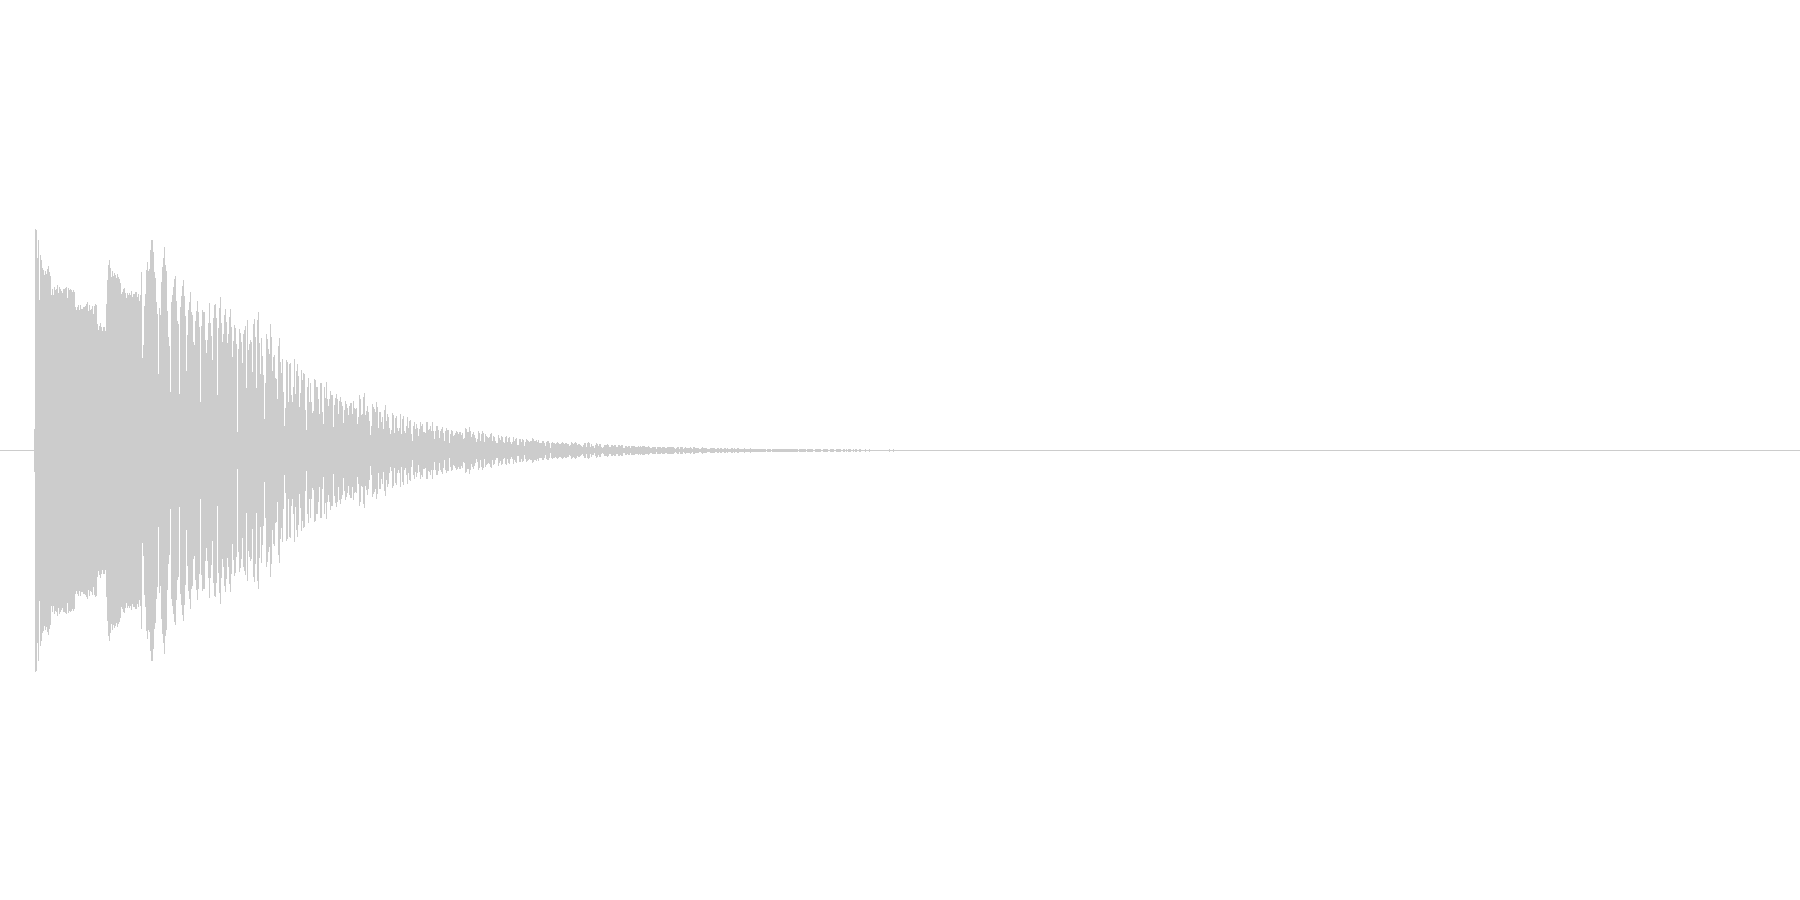 とぅーん(ワープするときの音)の未再生の波形